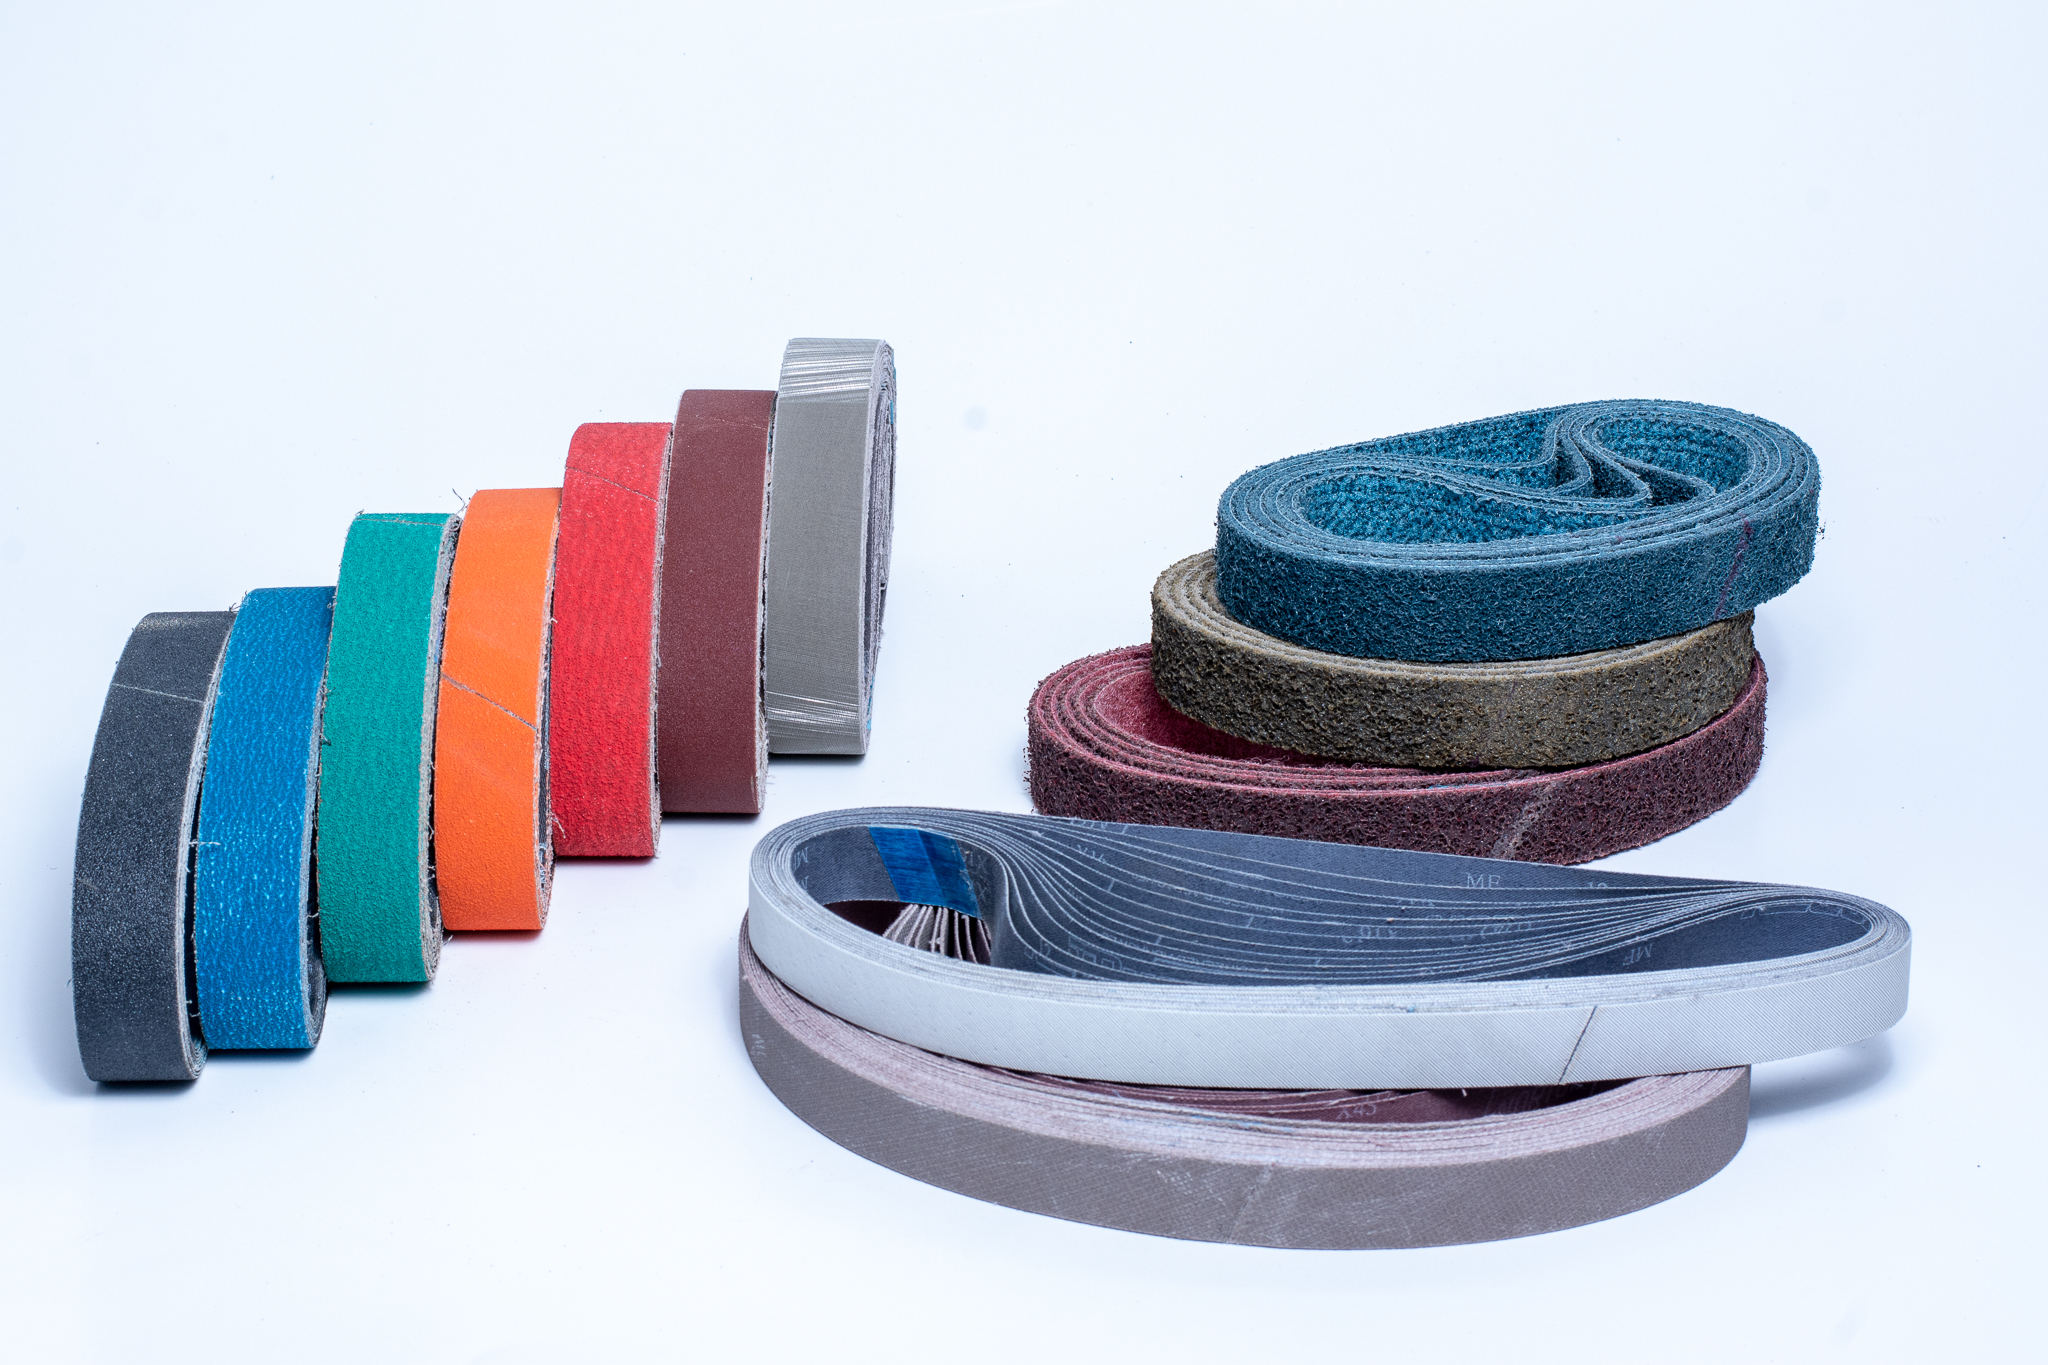 sanding-belts